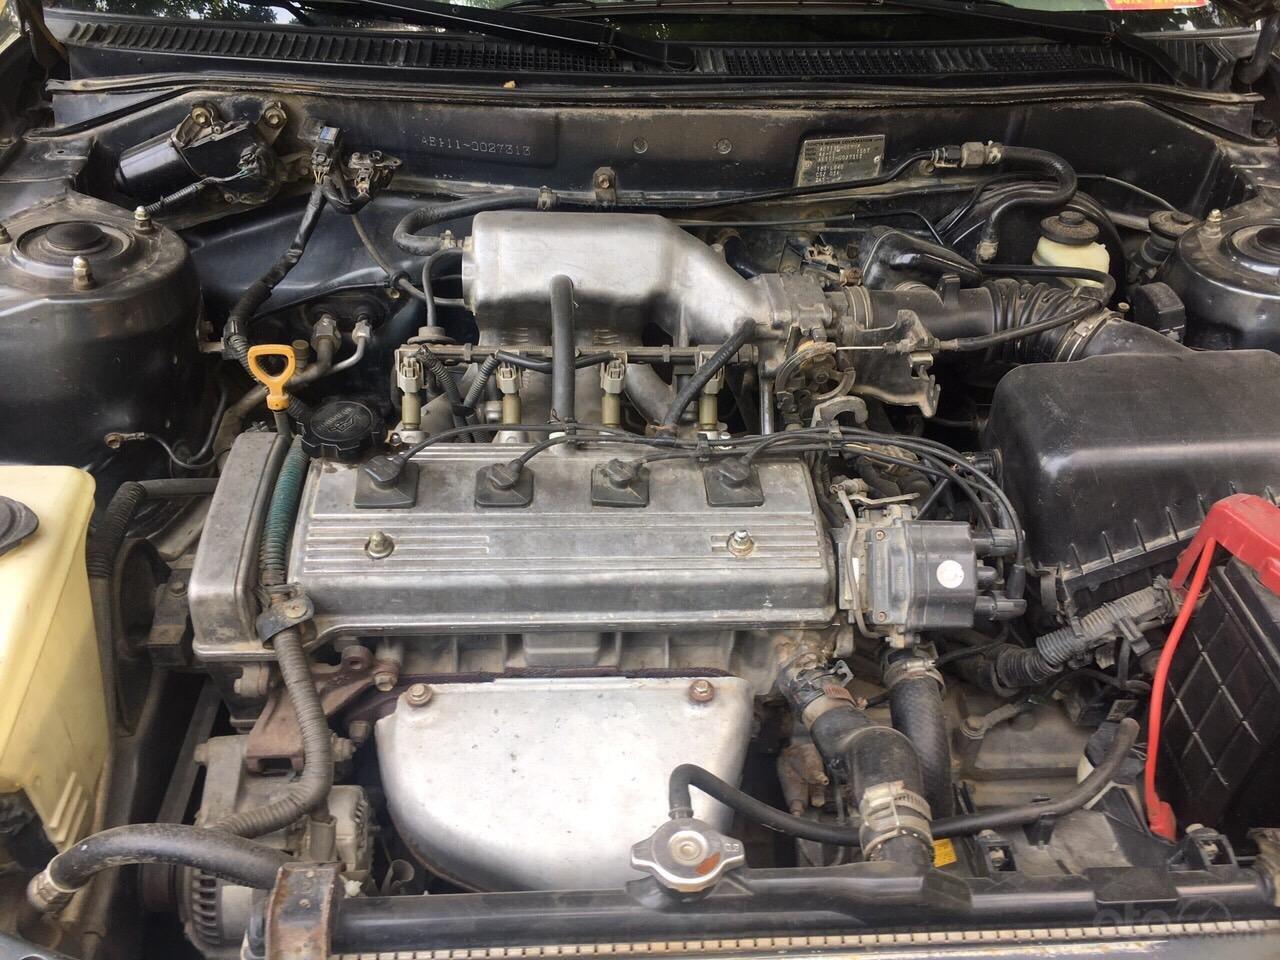 Bán Toyota Corolla năm sản xuất 1997 tại Quảng Ninh (3)